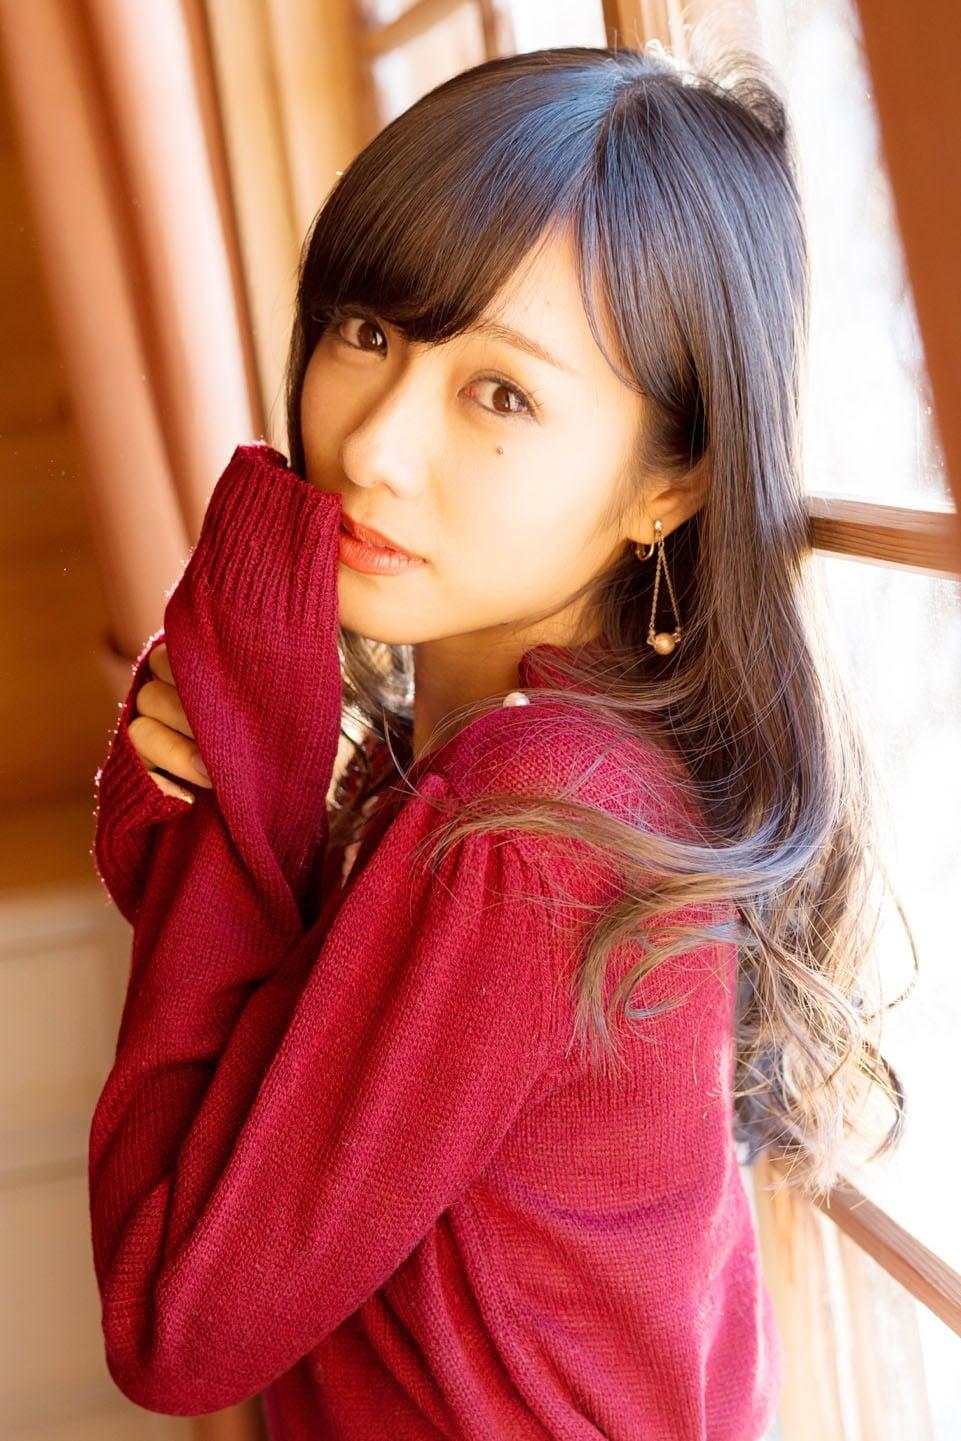 Nozomi Maeda